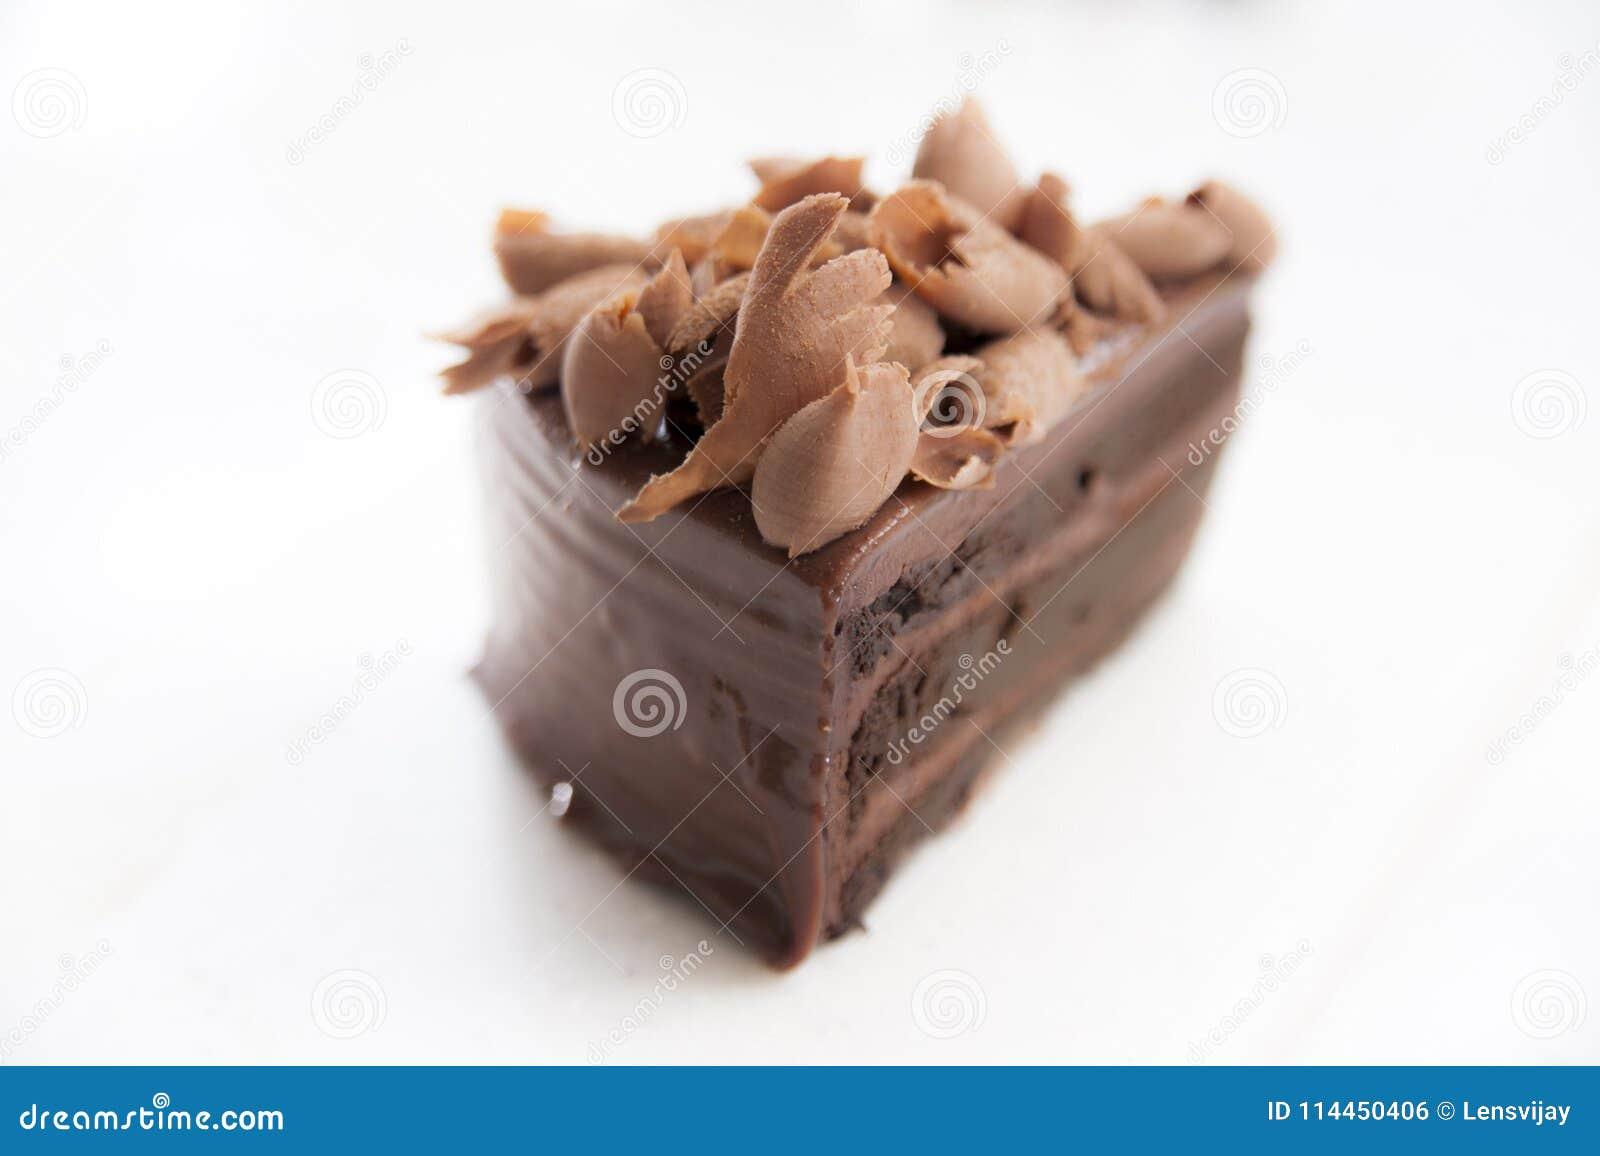 Chocolate Brownie Cake Stock Photo Image Of Item